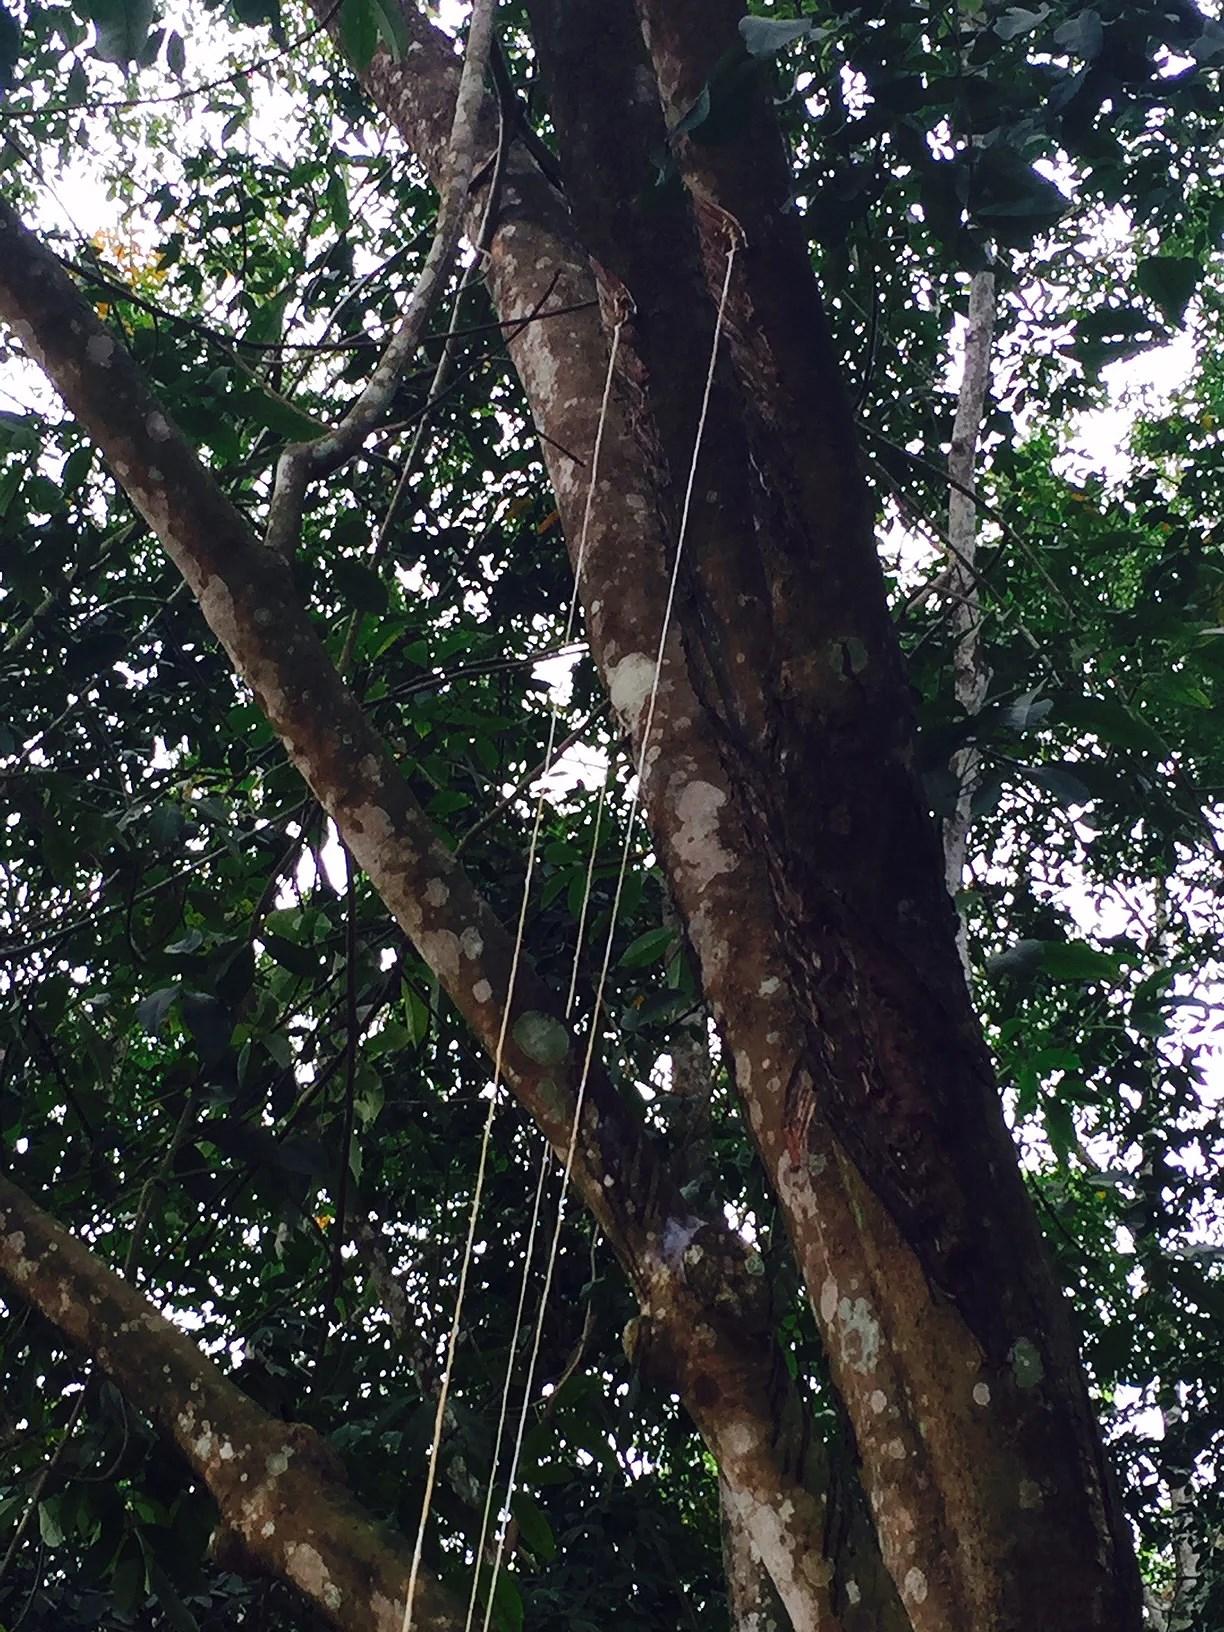 Det er langs disse snore at gummisaften løber fra træet og ned i skålen